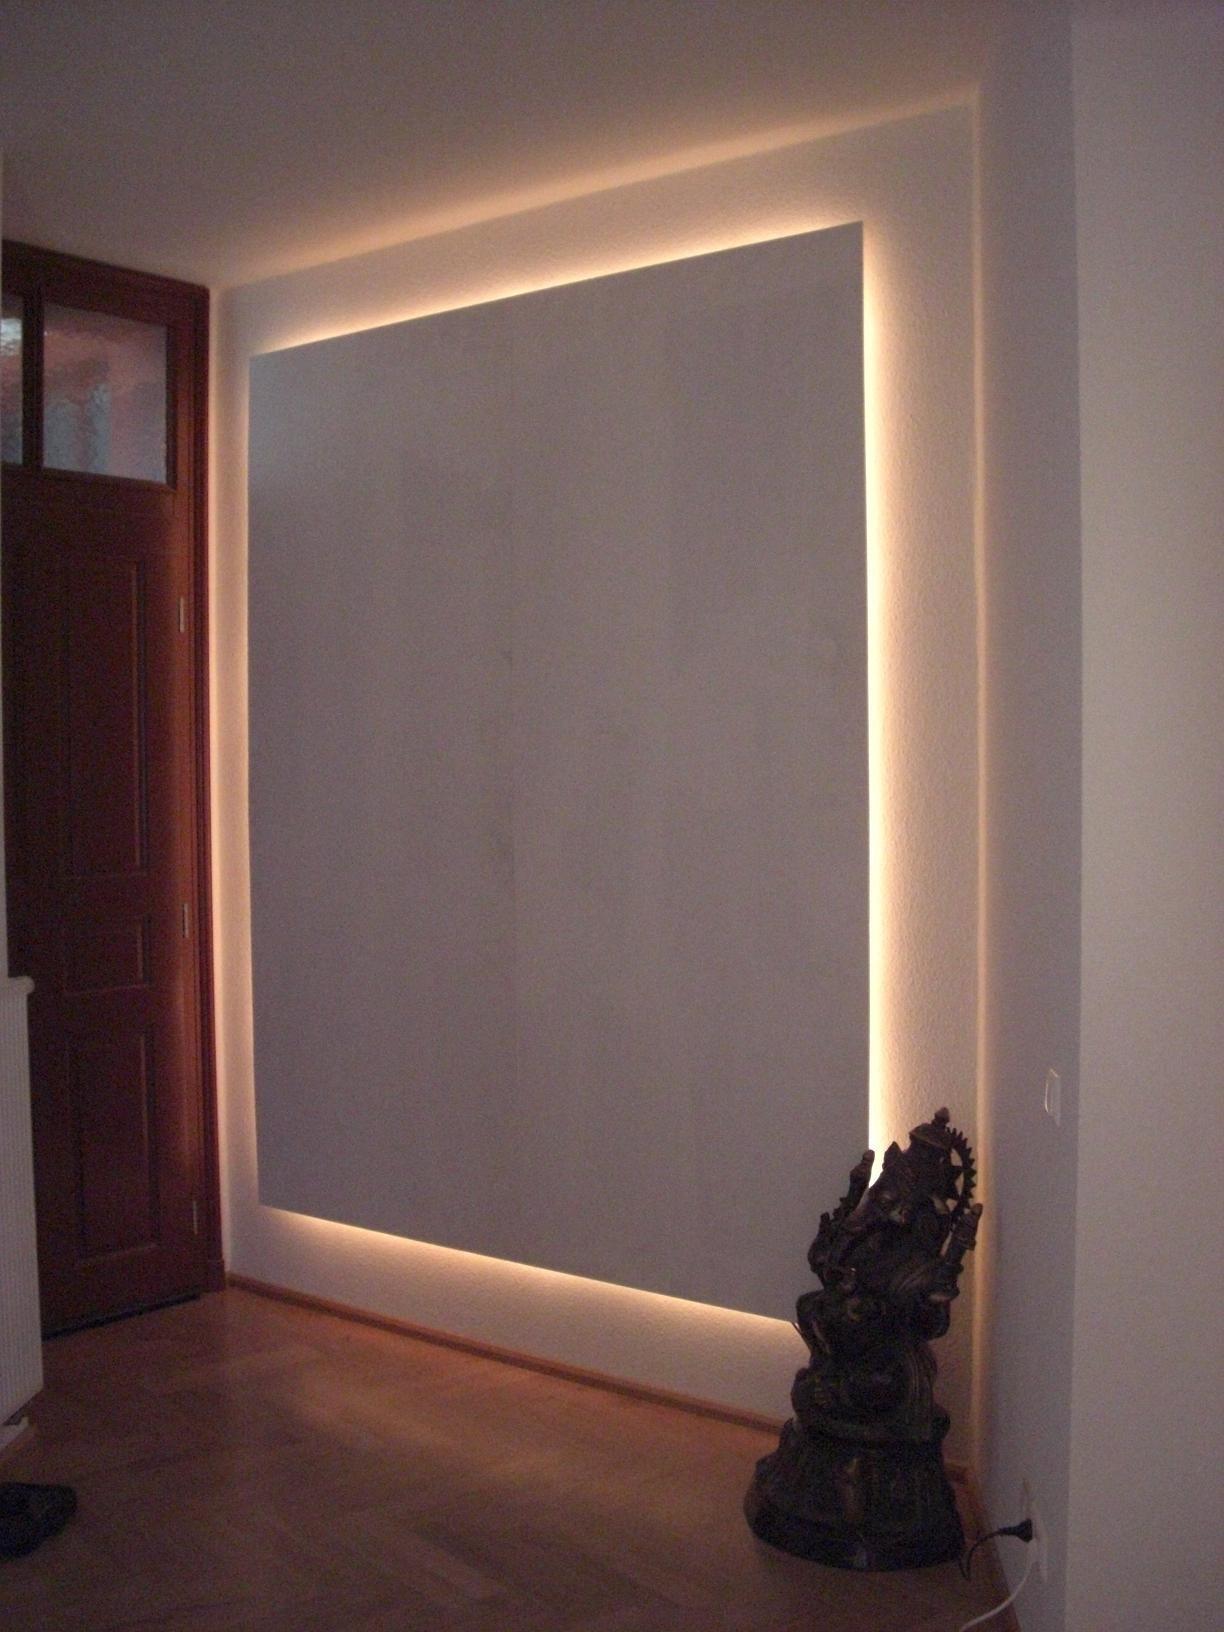 Full Size of Indirekte Beleuchtung Wohnzimmer Boden Indirekte Beleuchtung Wohnzimmer Selber Bauen Indirekte Beleuchtung Wohnzimmer Ecke Indirekte Beleuchtung Wohnzimmer Ideen Wohnzimmer Indirekte Beleuchtung Wohnzimmer